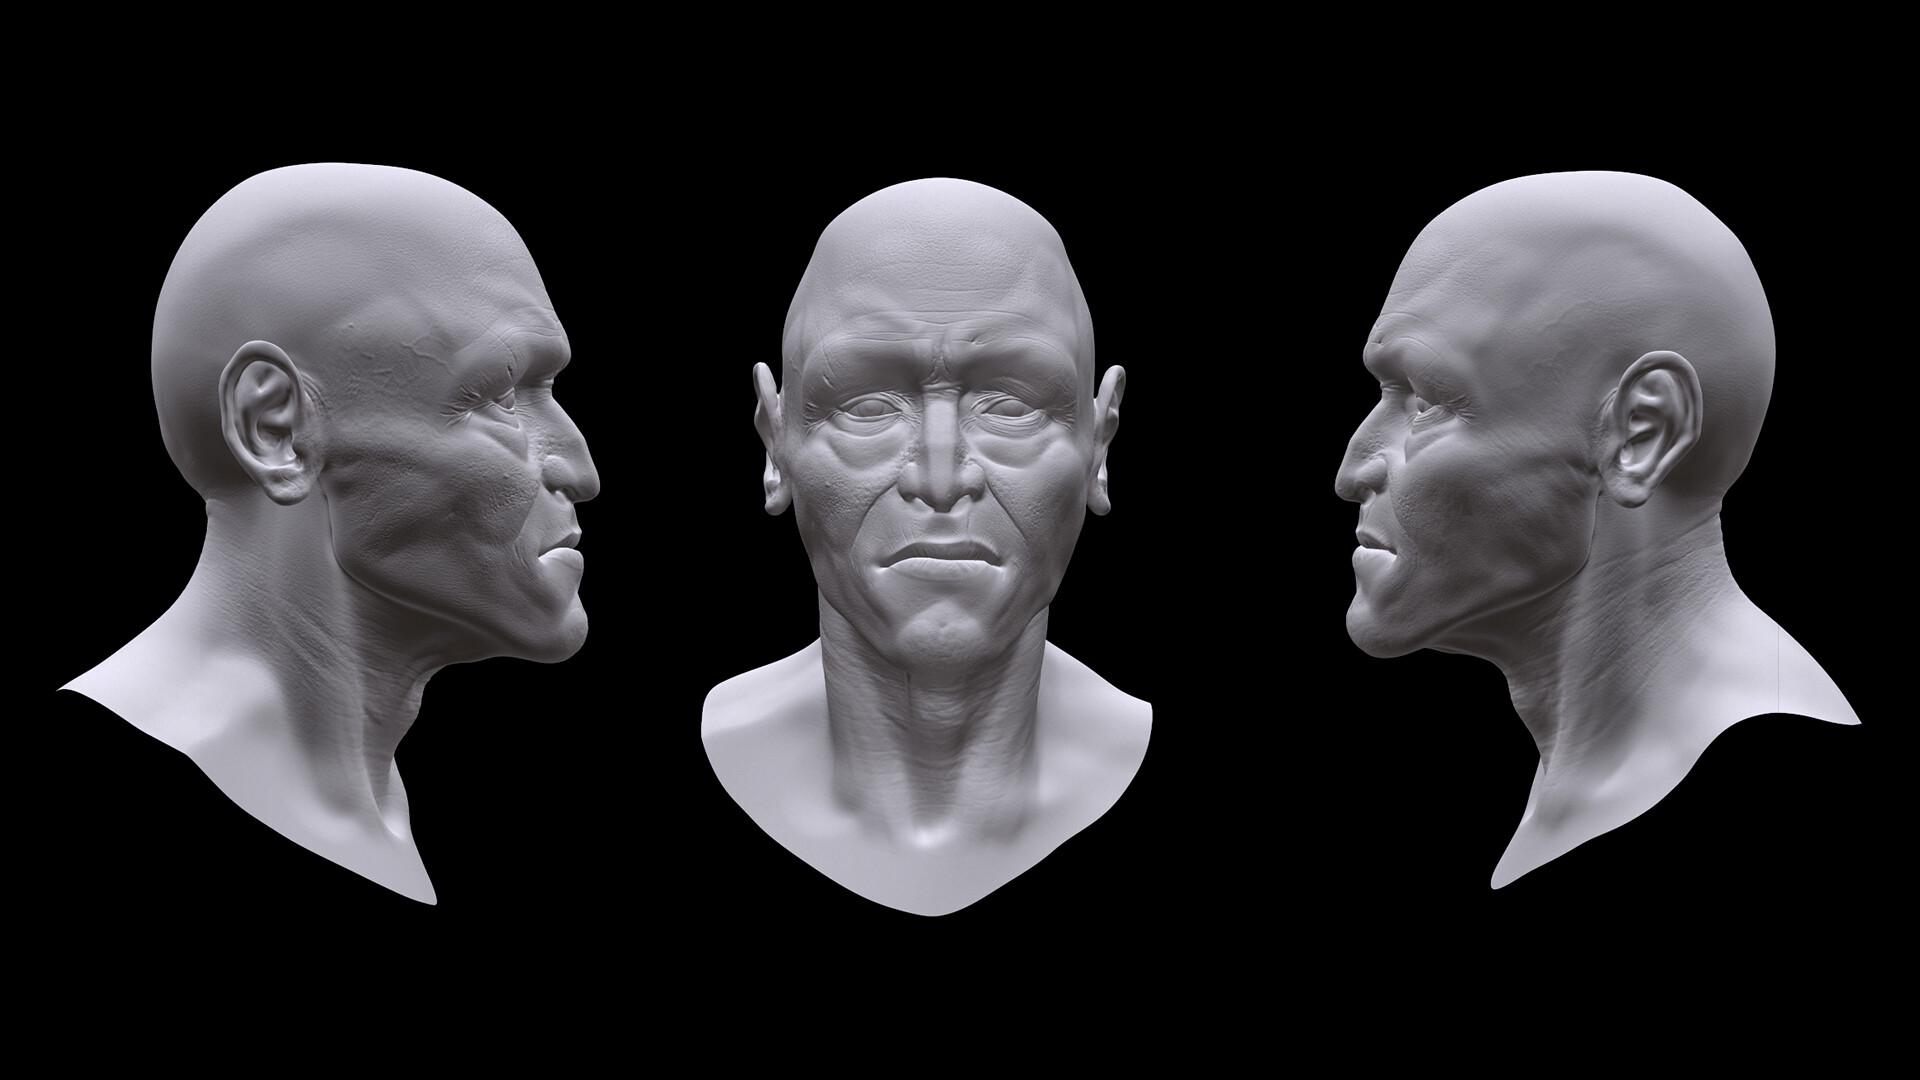 pierre-fourtina-sculpt